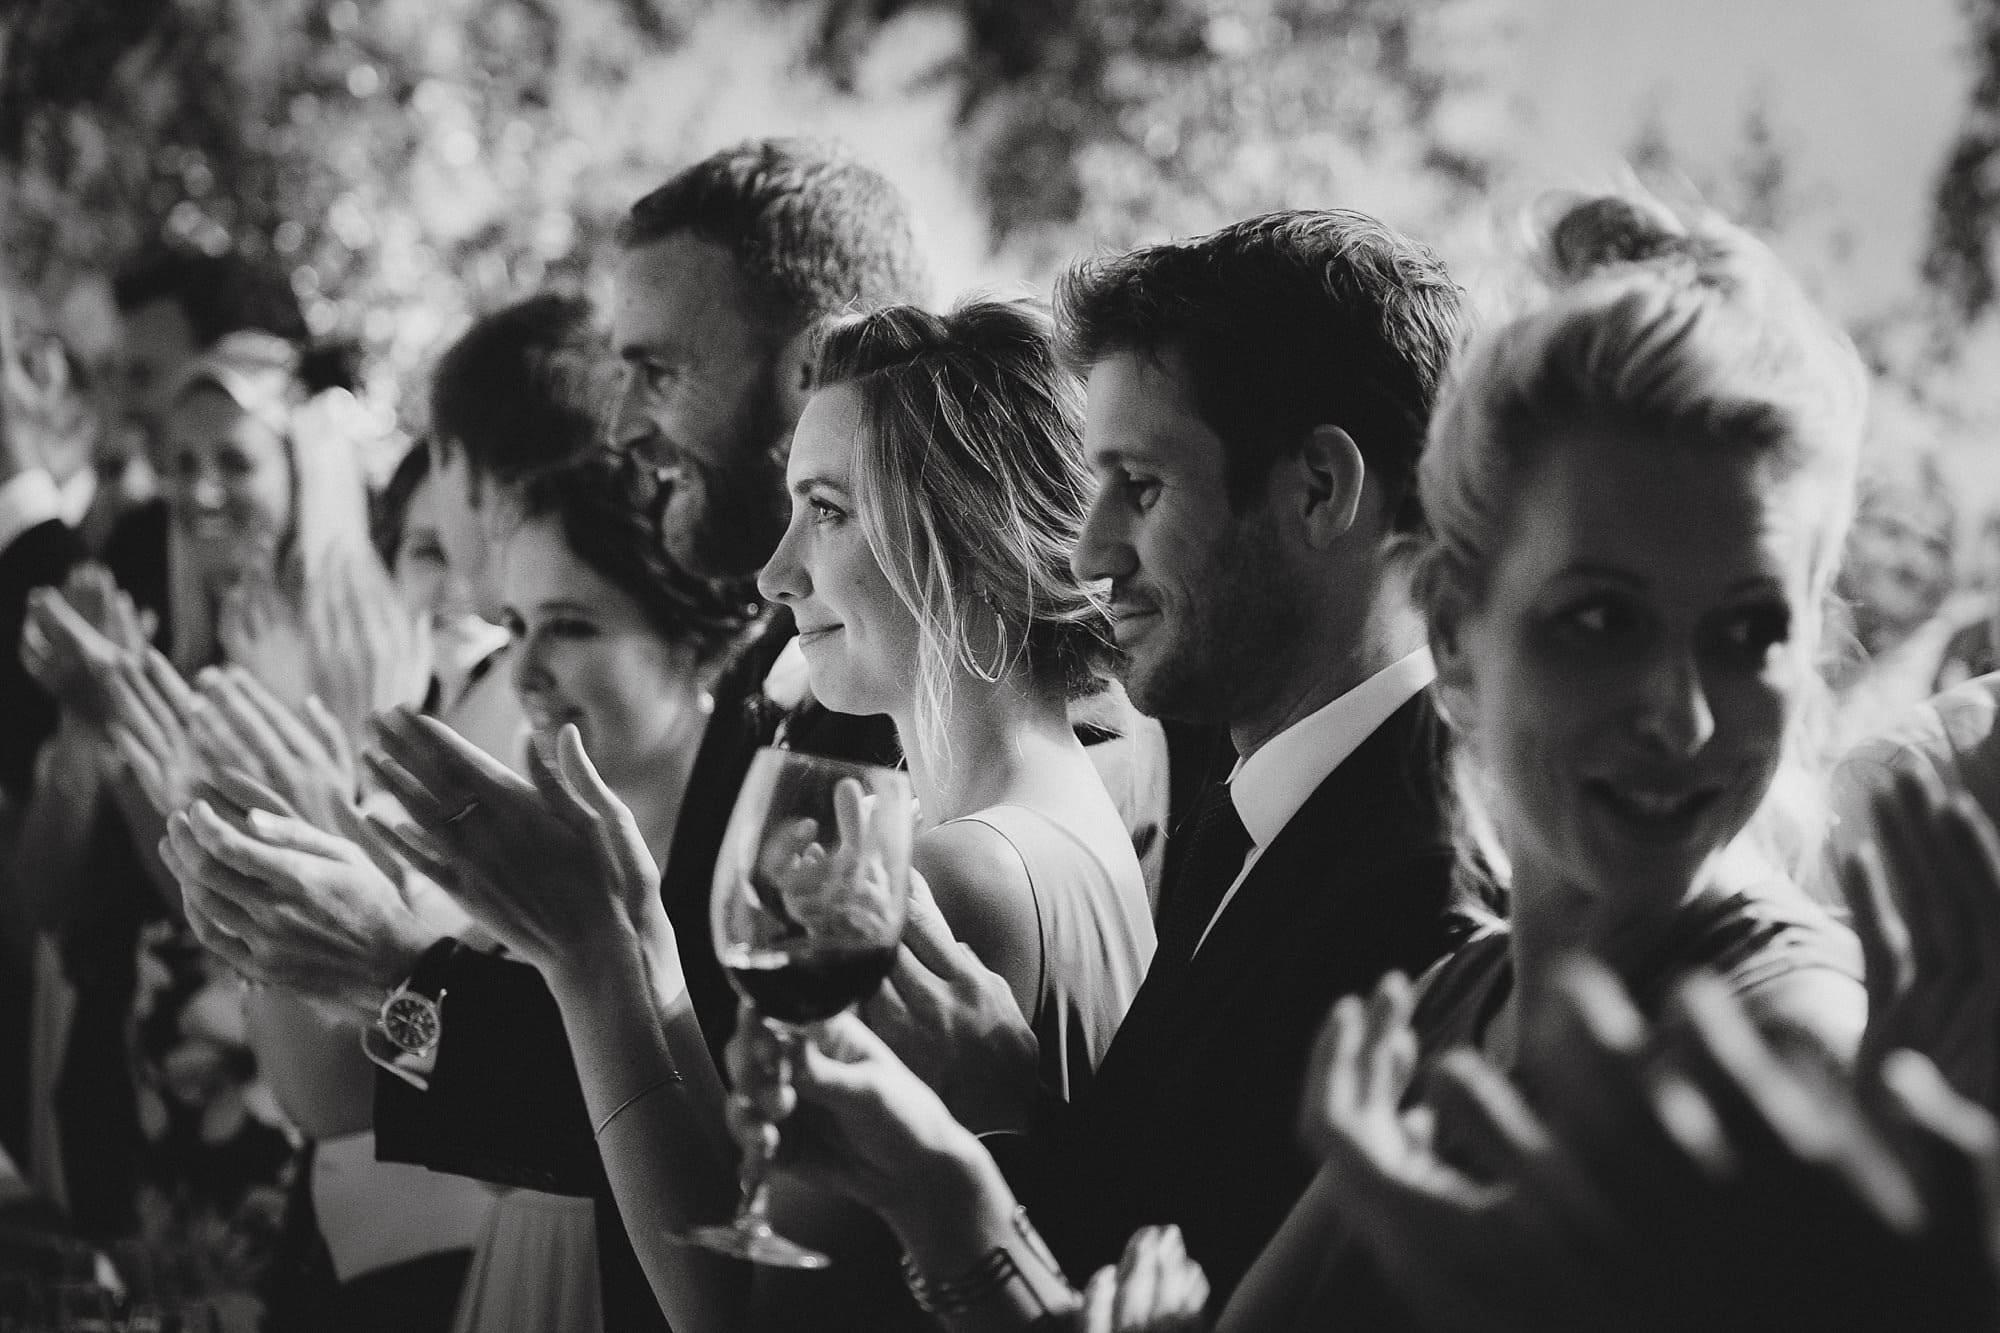 fulham palace wedding photographer 080 - Rosanna + Duncan | Fulham